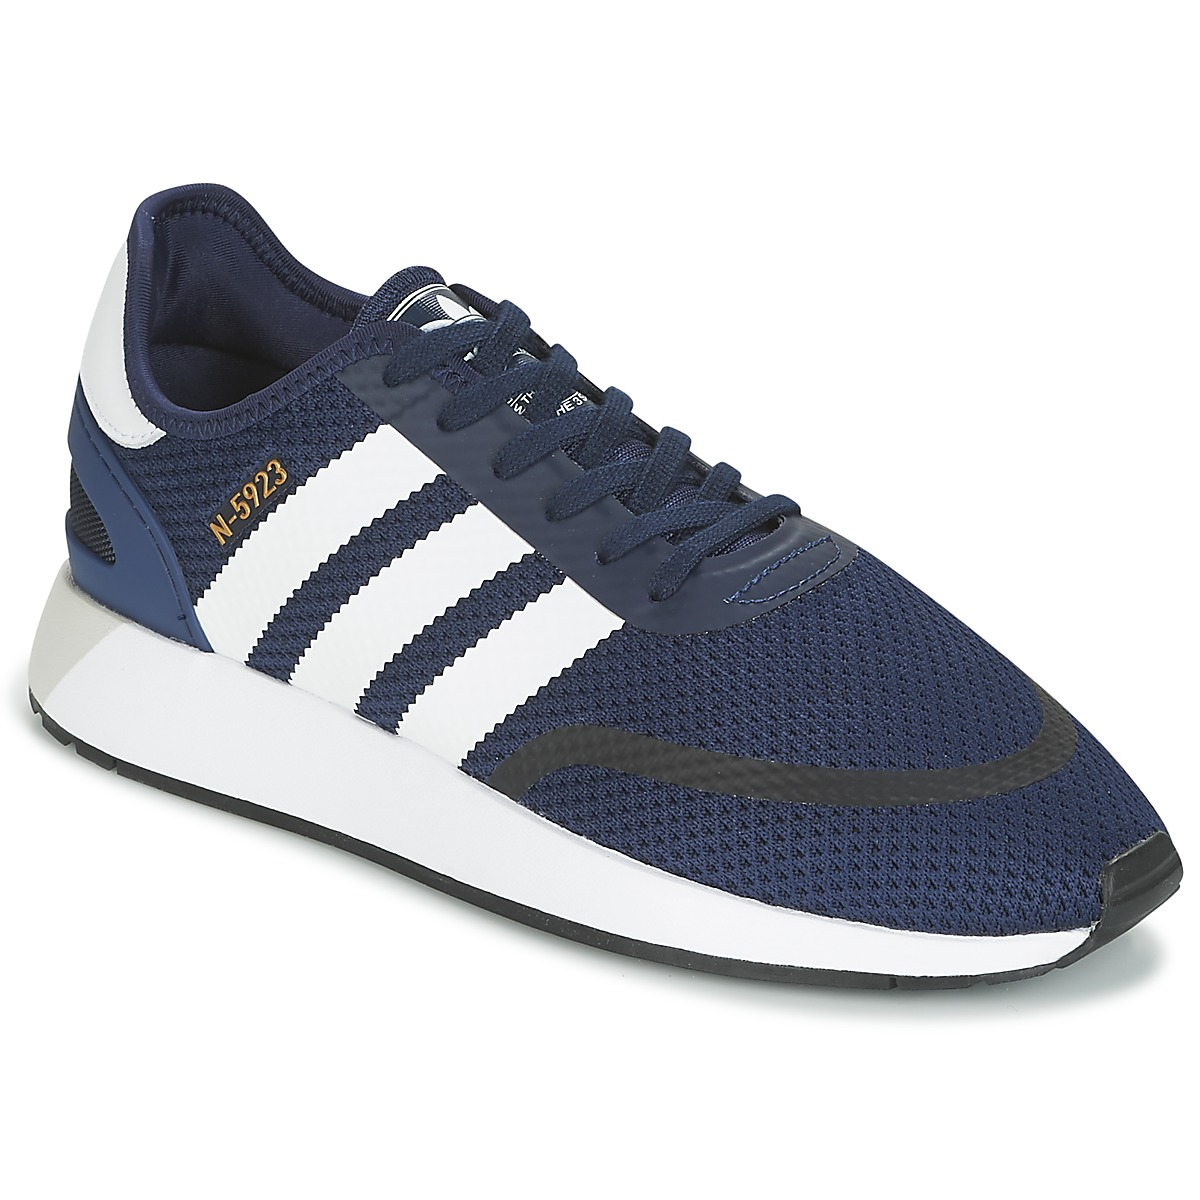 adidas Originals INIKI RUNNER CLS Marine - Kostenloser Versand bei Spartoode ! - Schuhe Sneaker Low  63,00 €